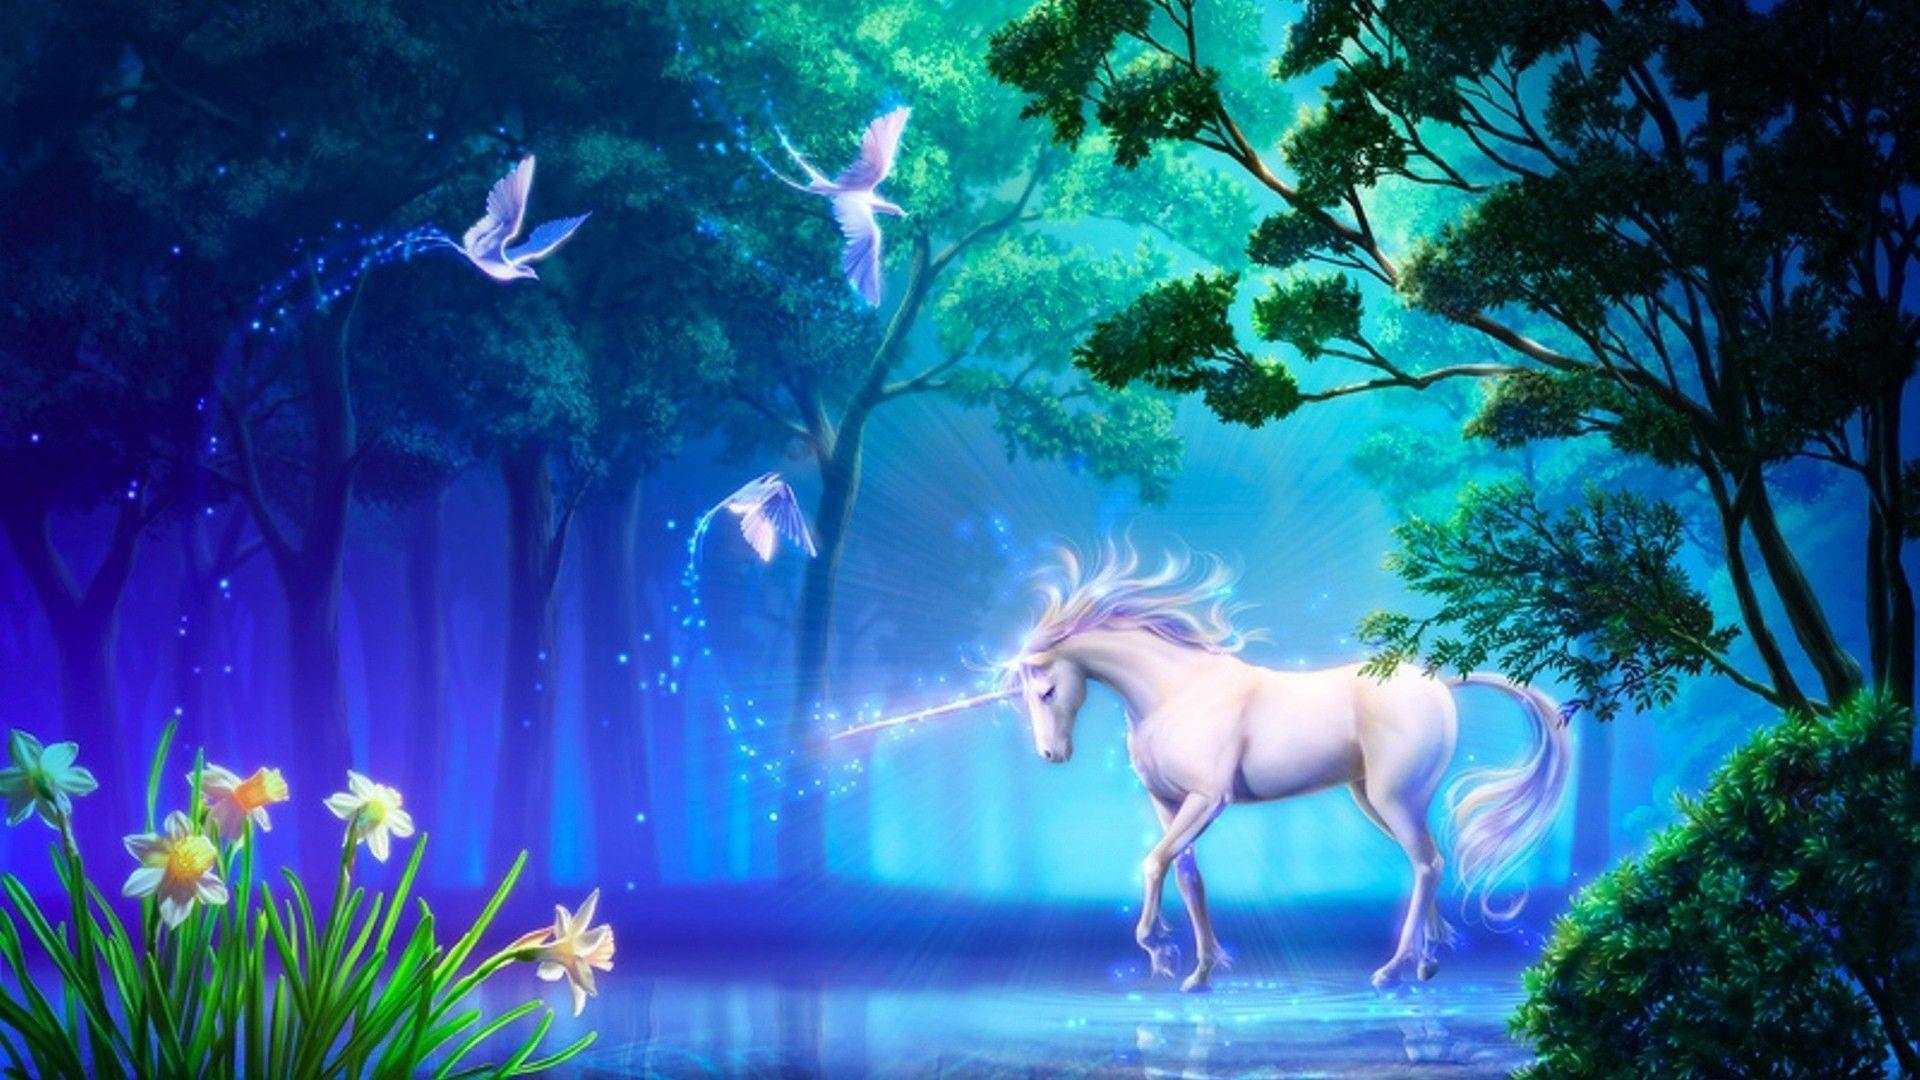 Unicorn Desktop Wallpaper Unicorn In A Magic Forest